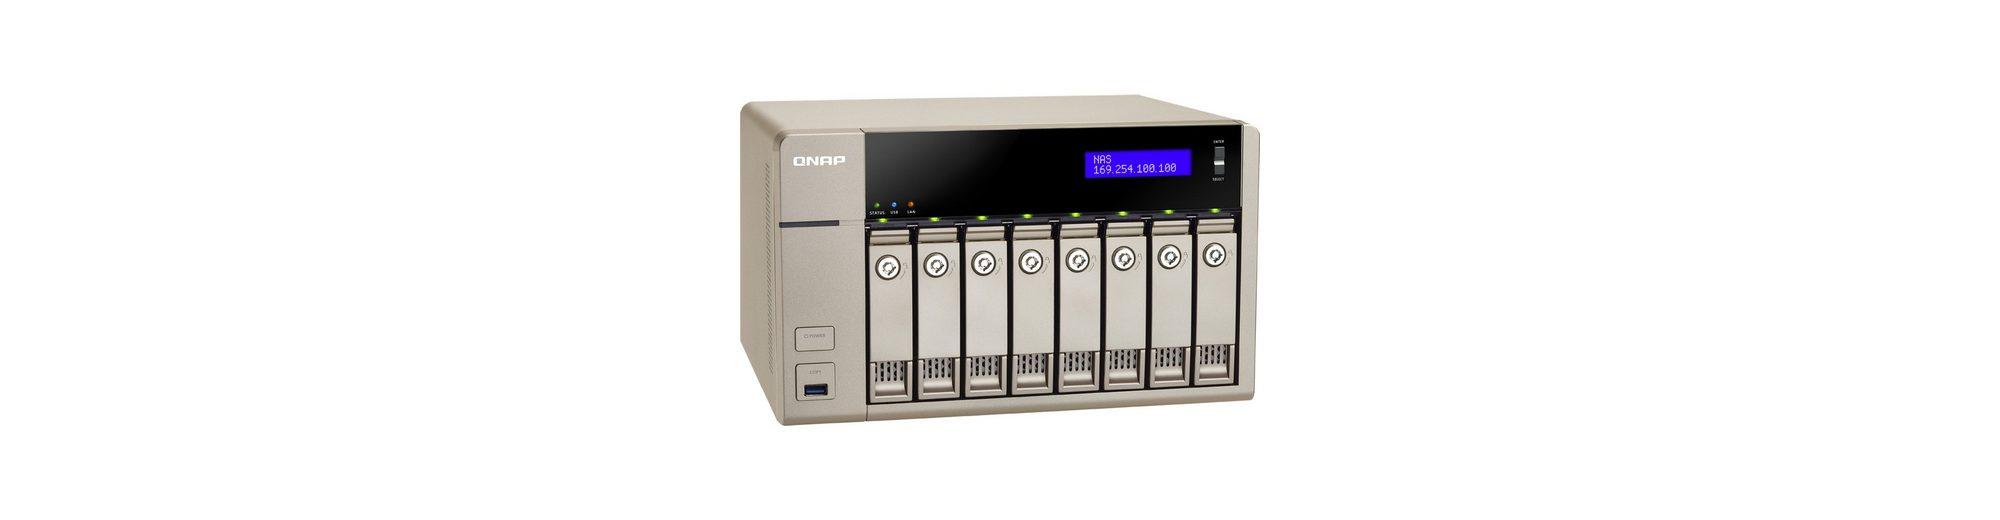 QNAP NAS »TVS-863«